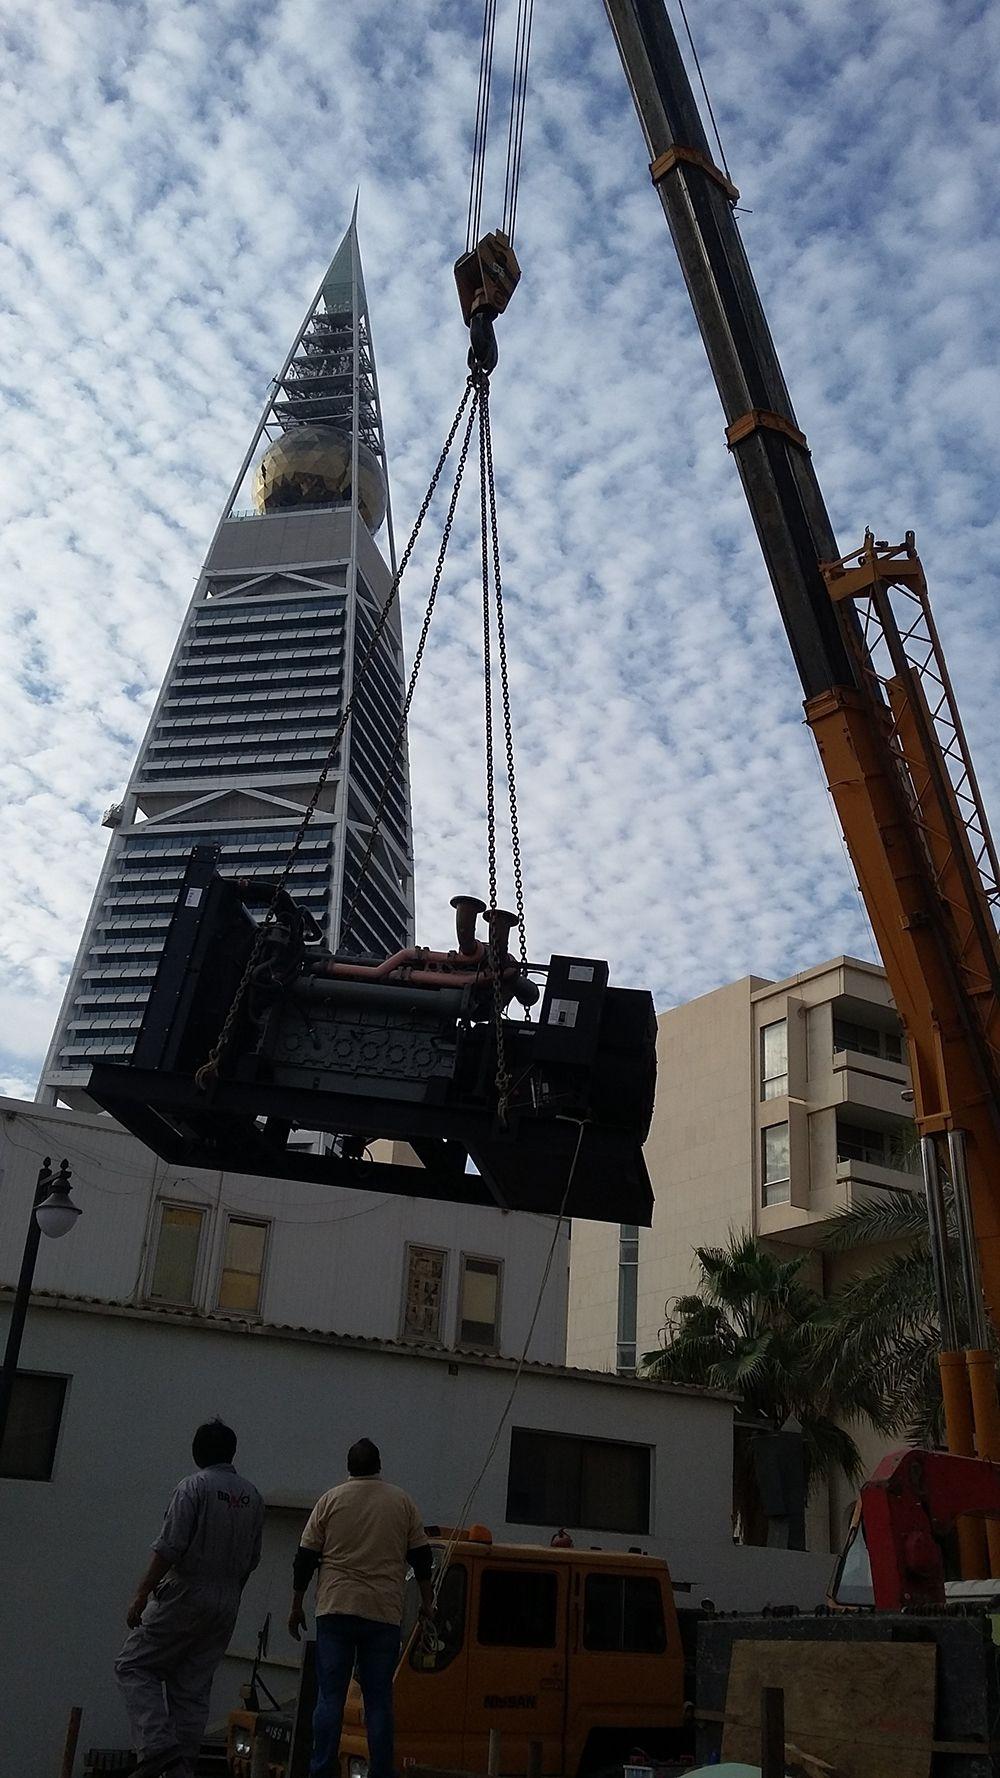 Riyadh hotel benefits from Al Faddaghi and Perkins power